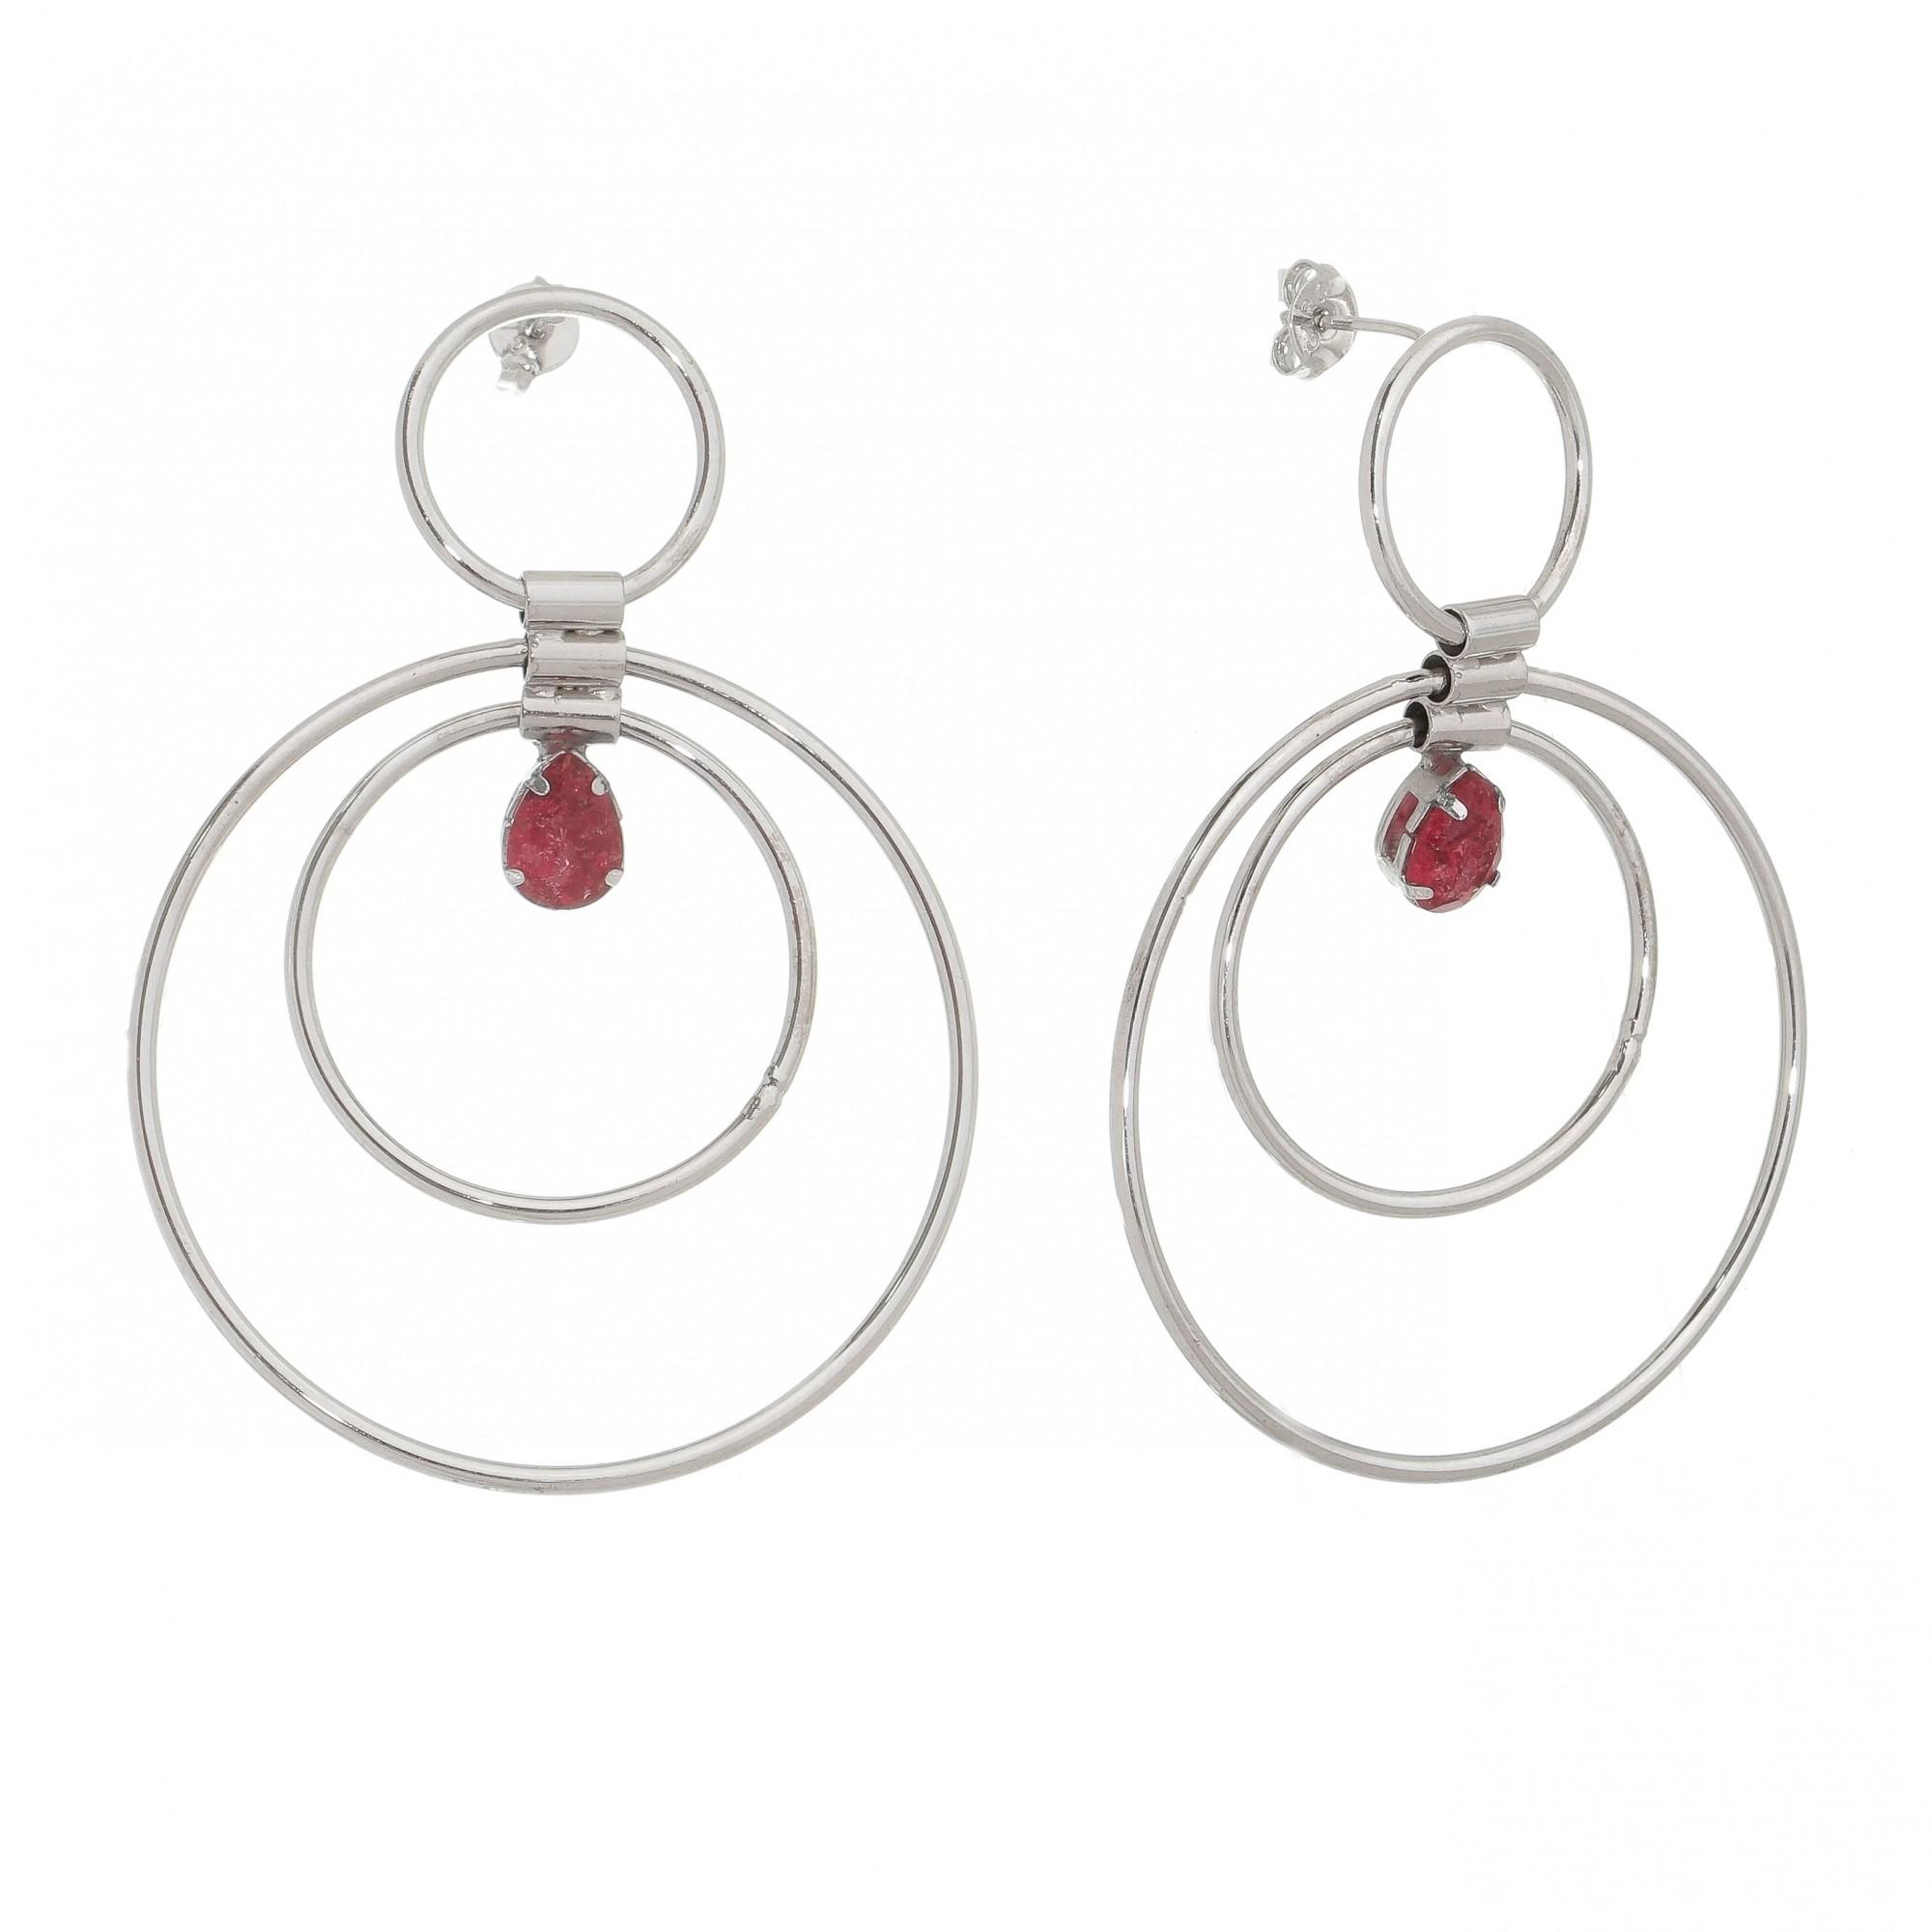 Brinco 3 Círculos e Gota Cristal Vermelho Ródio Branco - Giro Semijoias